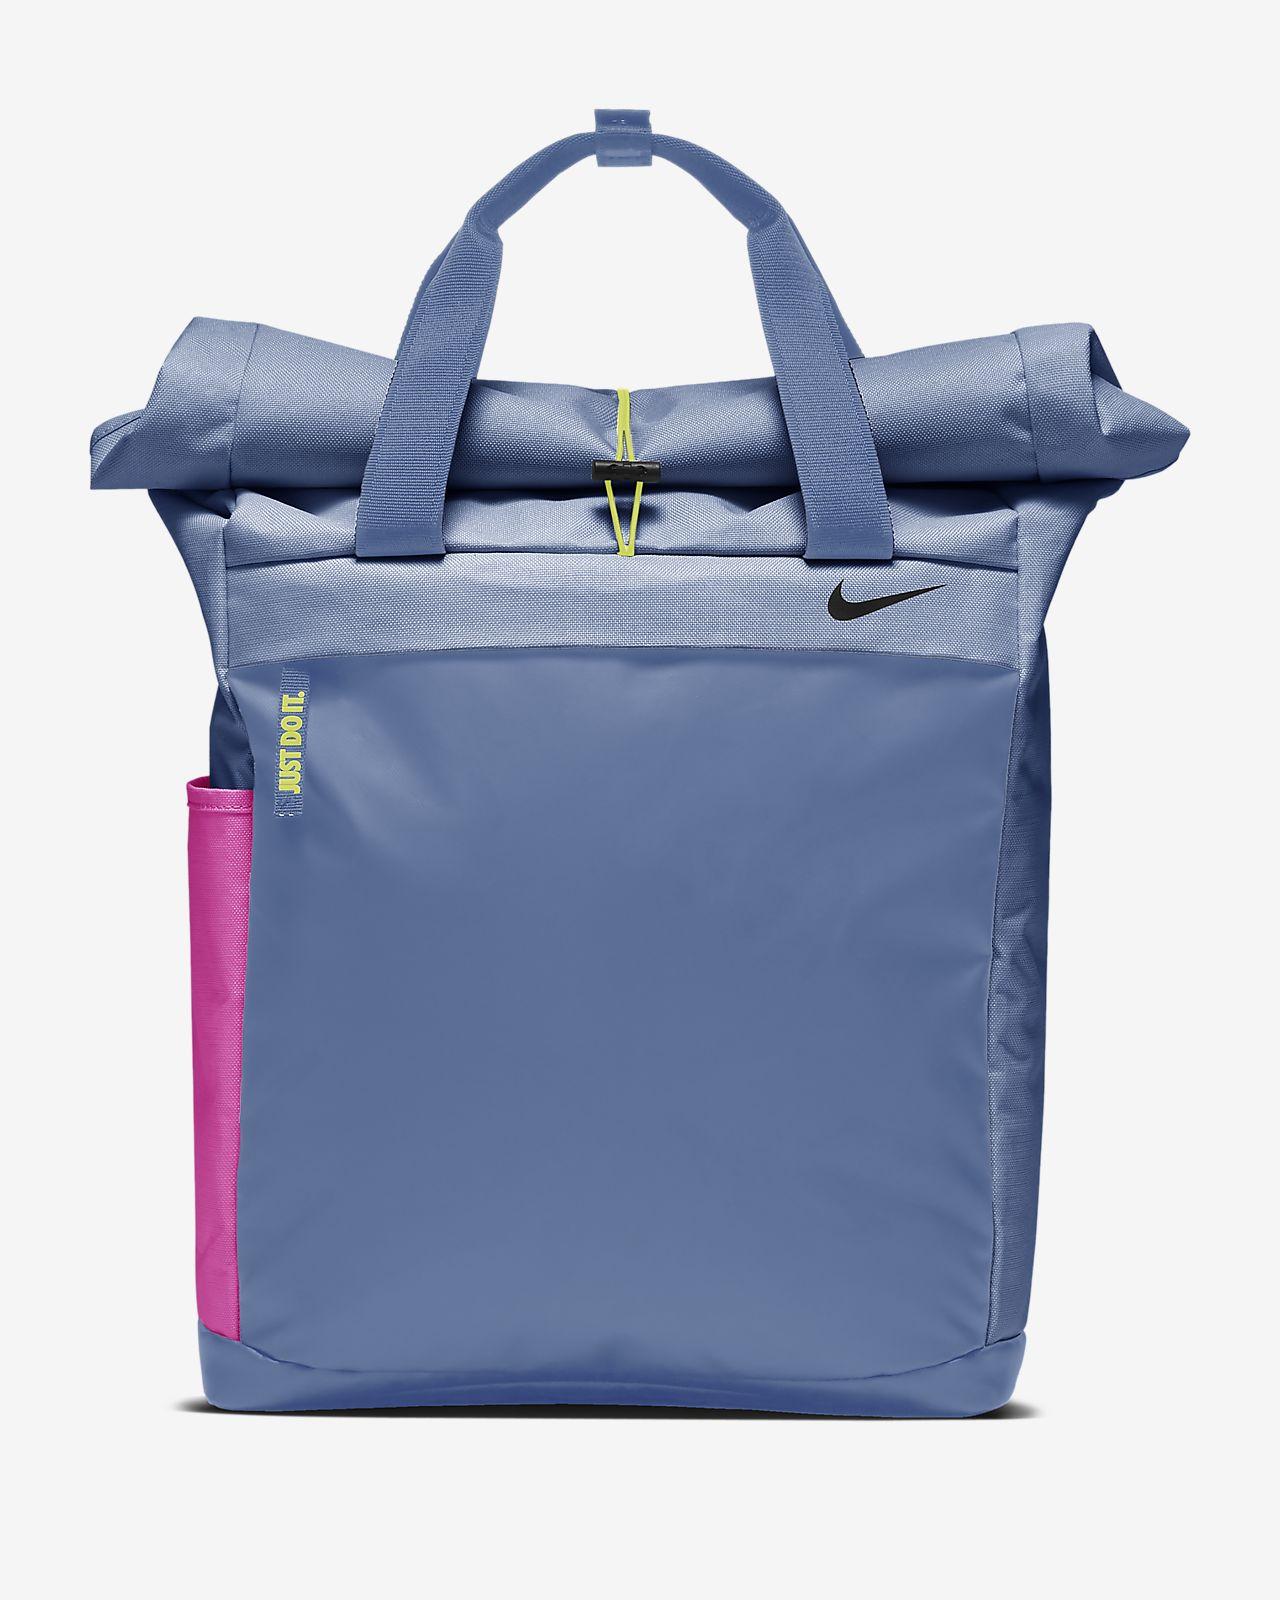 d09e466aca3 Nike Radiate Backpack. Nike.com GB